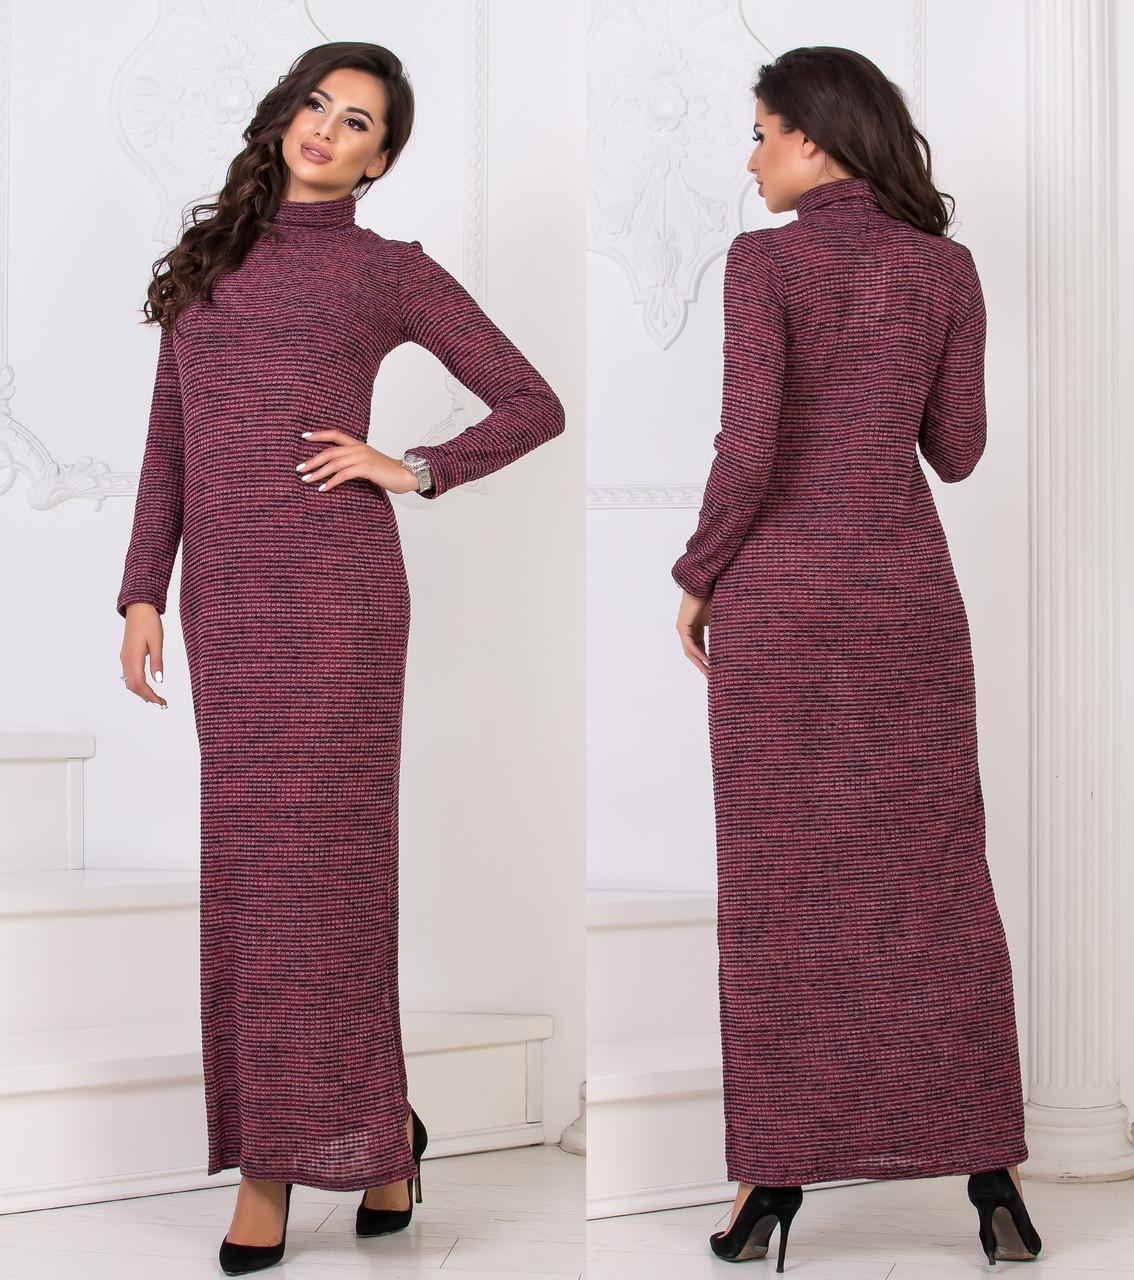 0d560e2acab7579 Вязаное платье в пол - All You Need - прямой поставщик женской одежды оптом  и в